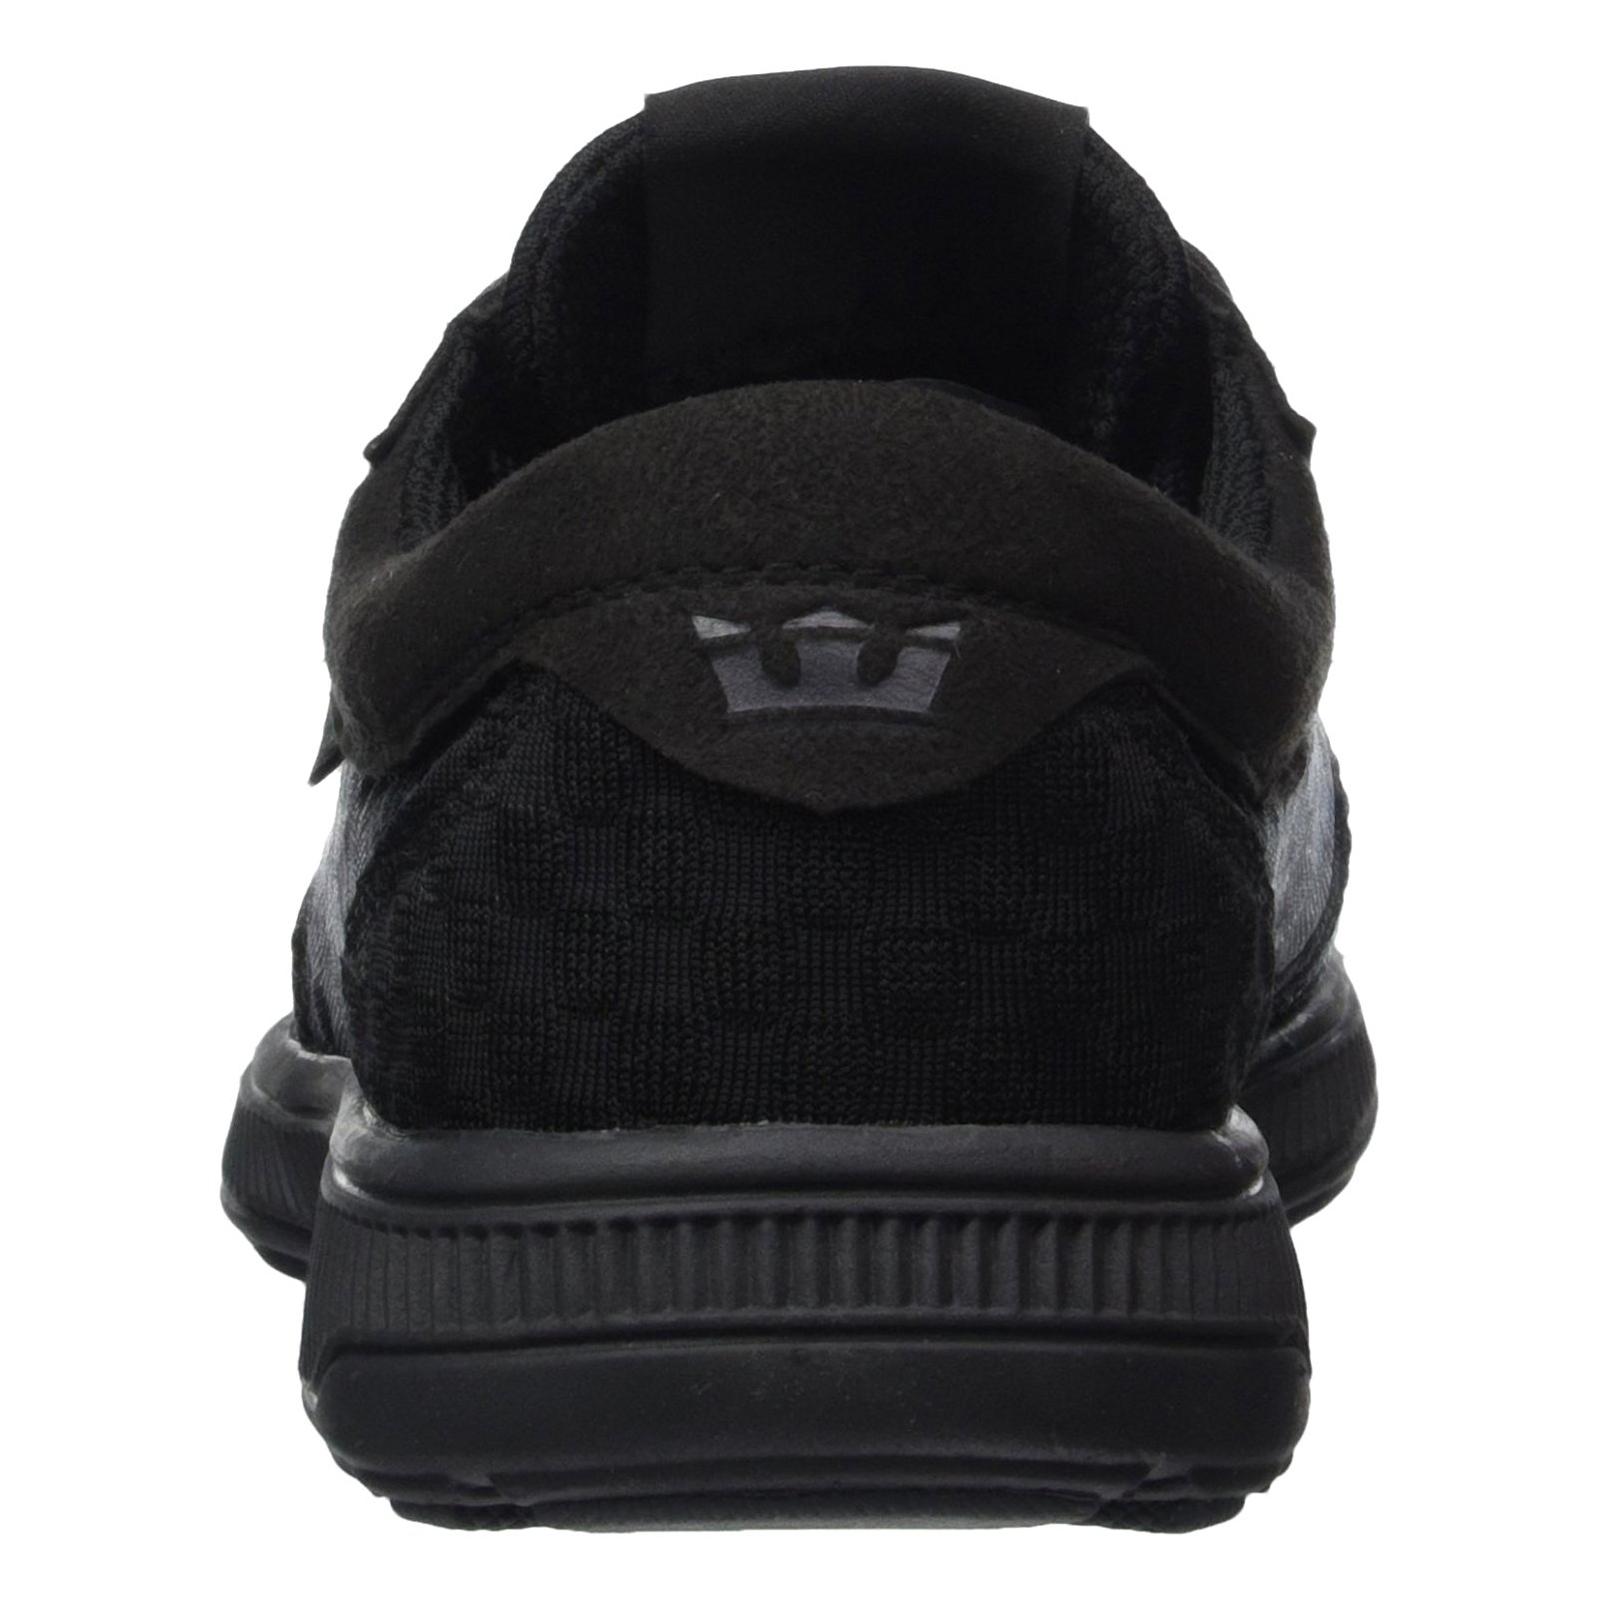 Supra Baskets Hammer Run Noir/Noir Noir/Noir Run Pierre angulaire noir cc8b5a